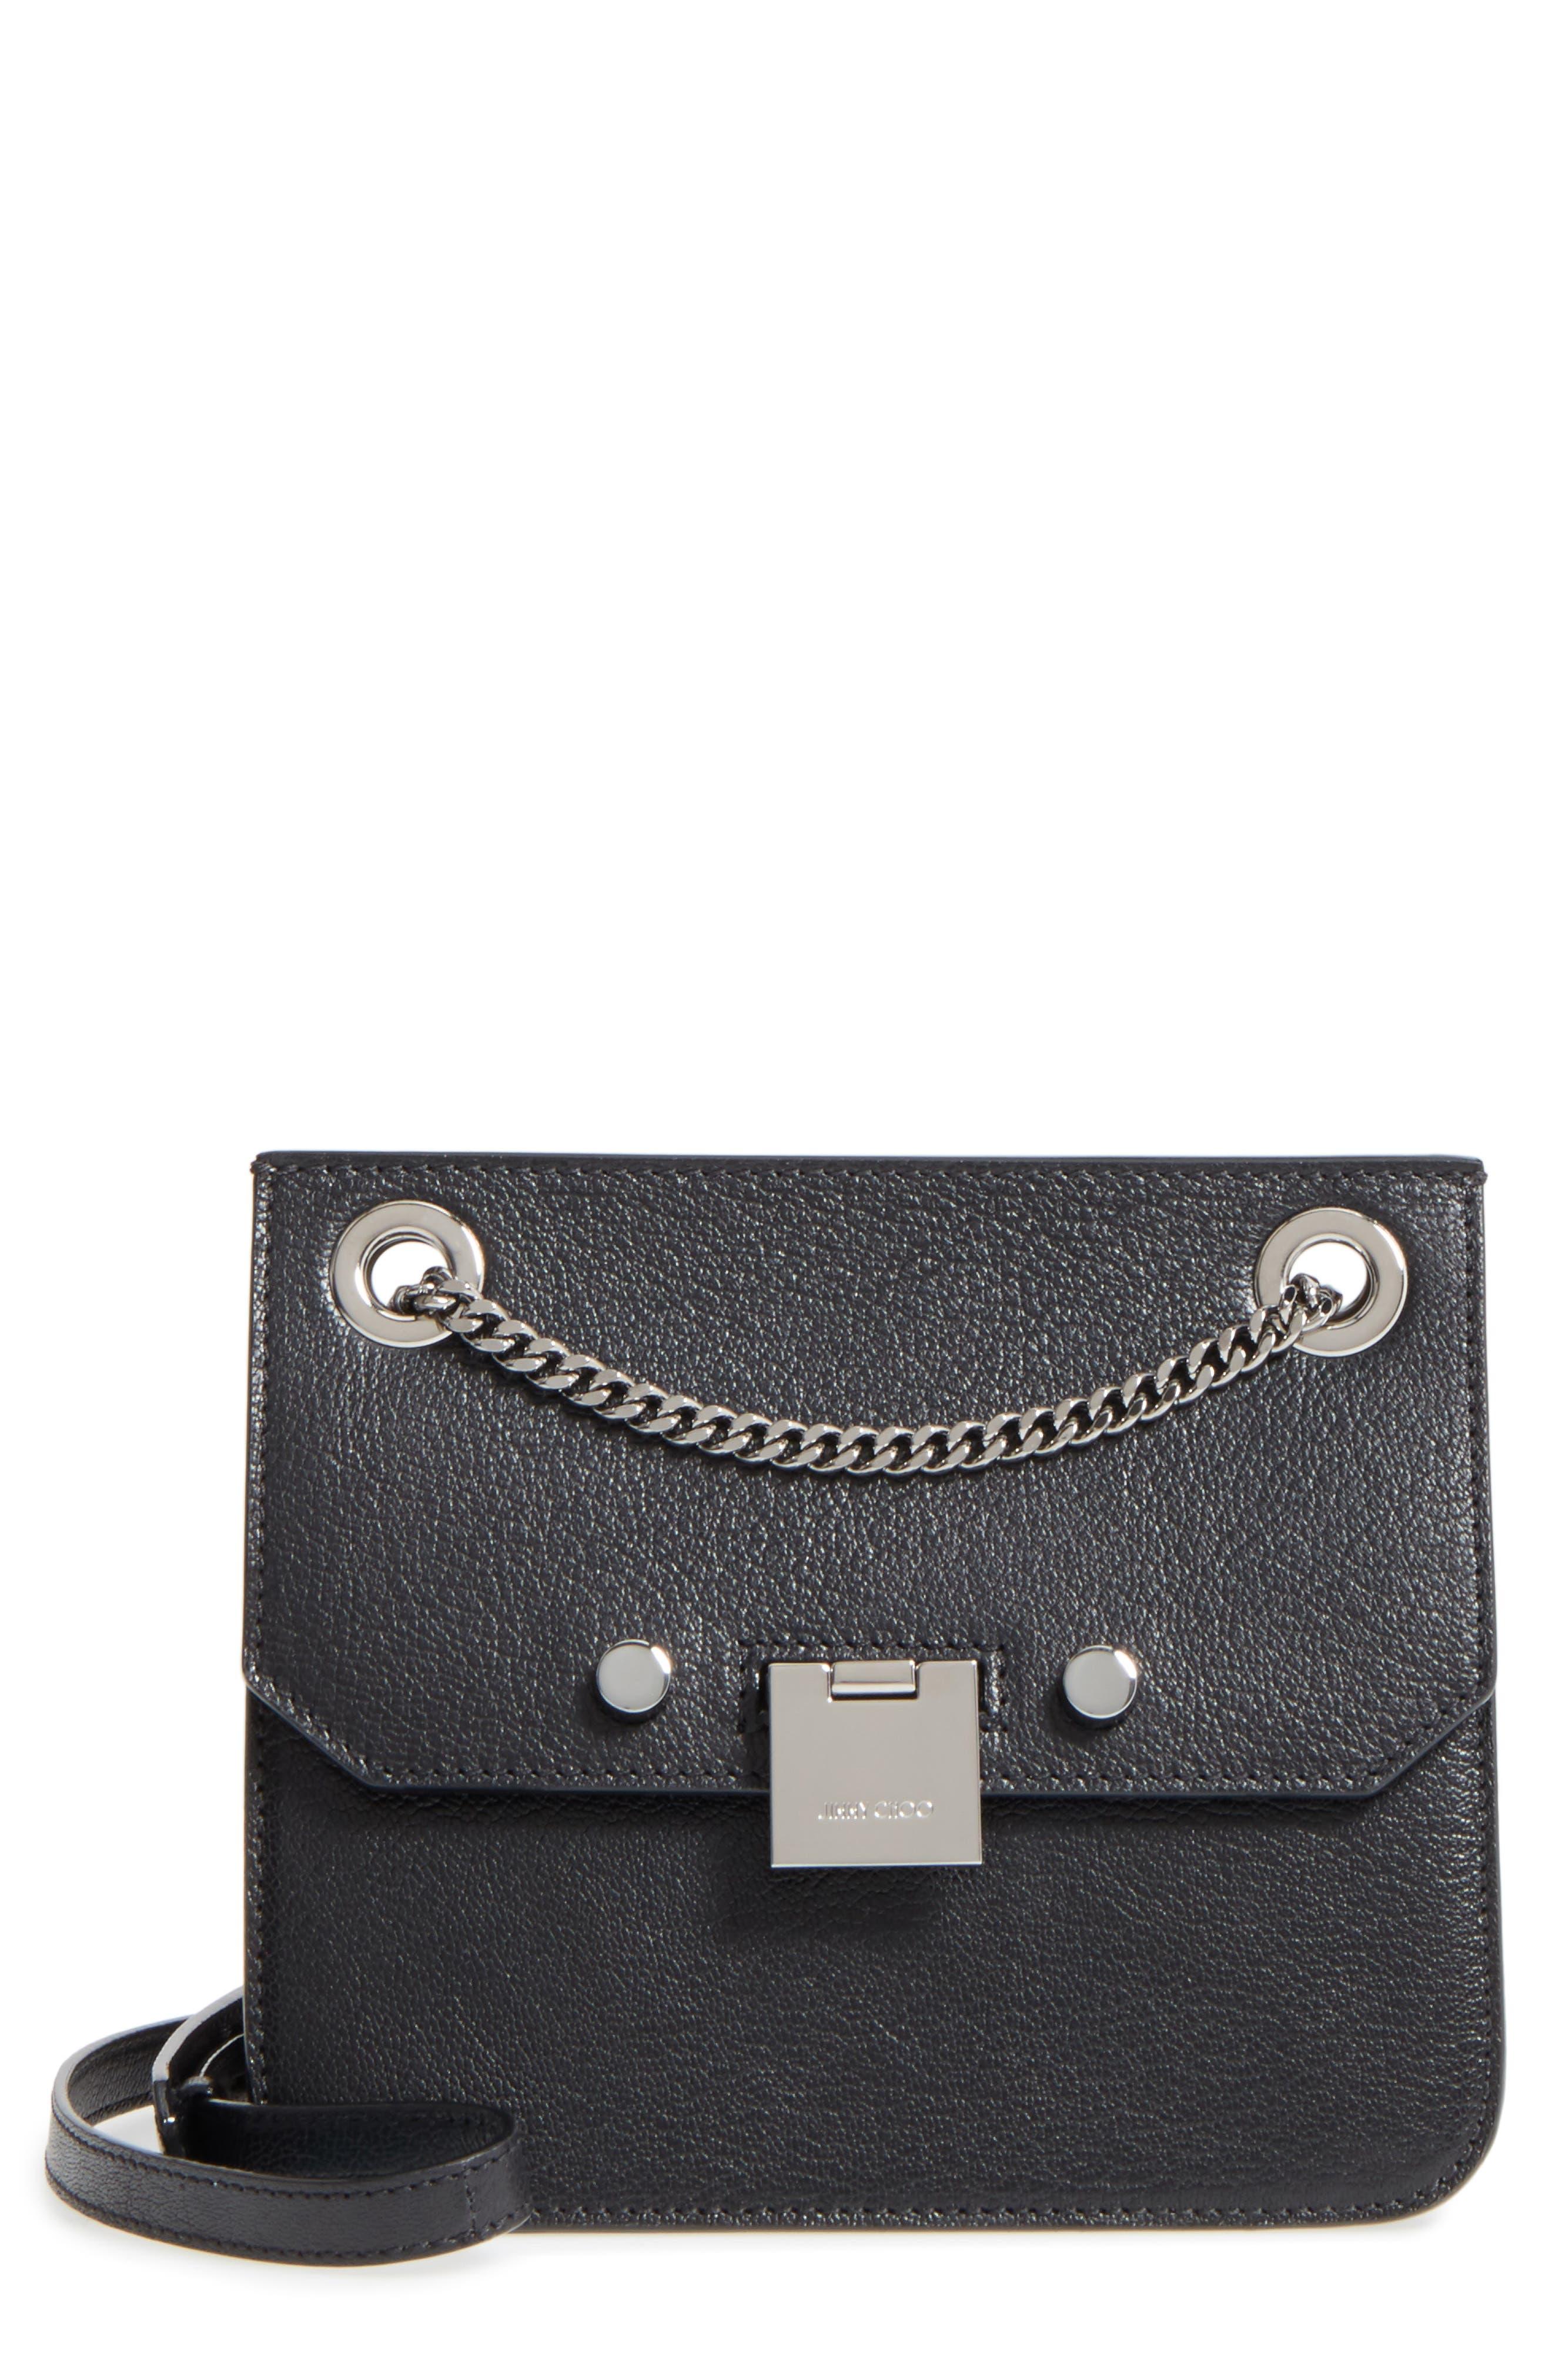 Rebel Leather Crossbody Bag,                             Main thumbnail 1, color,                             BLACK/ GUNMETAL